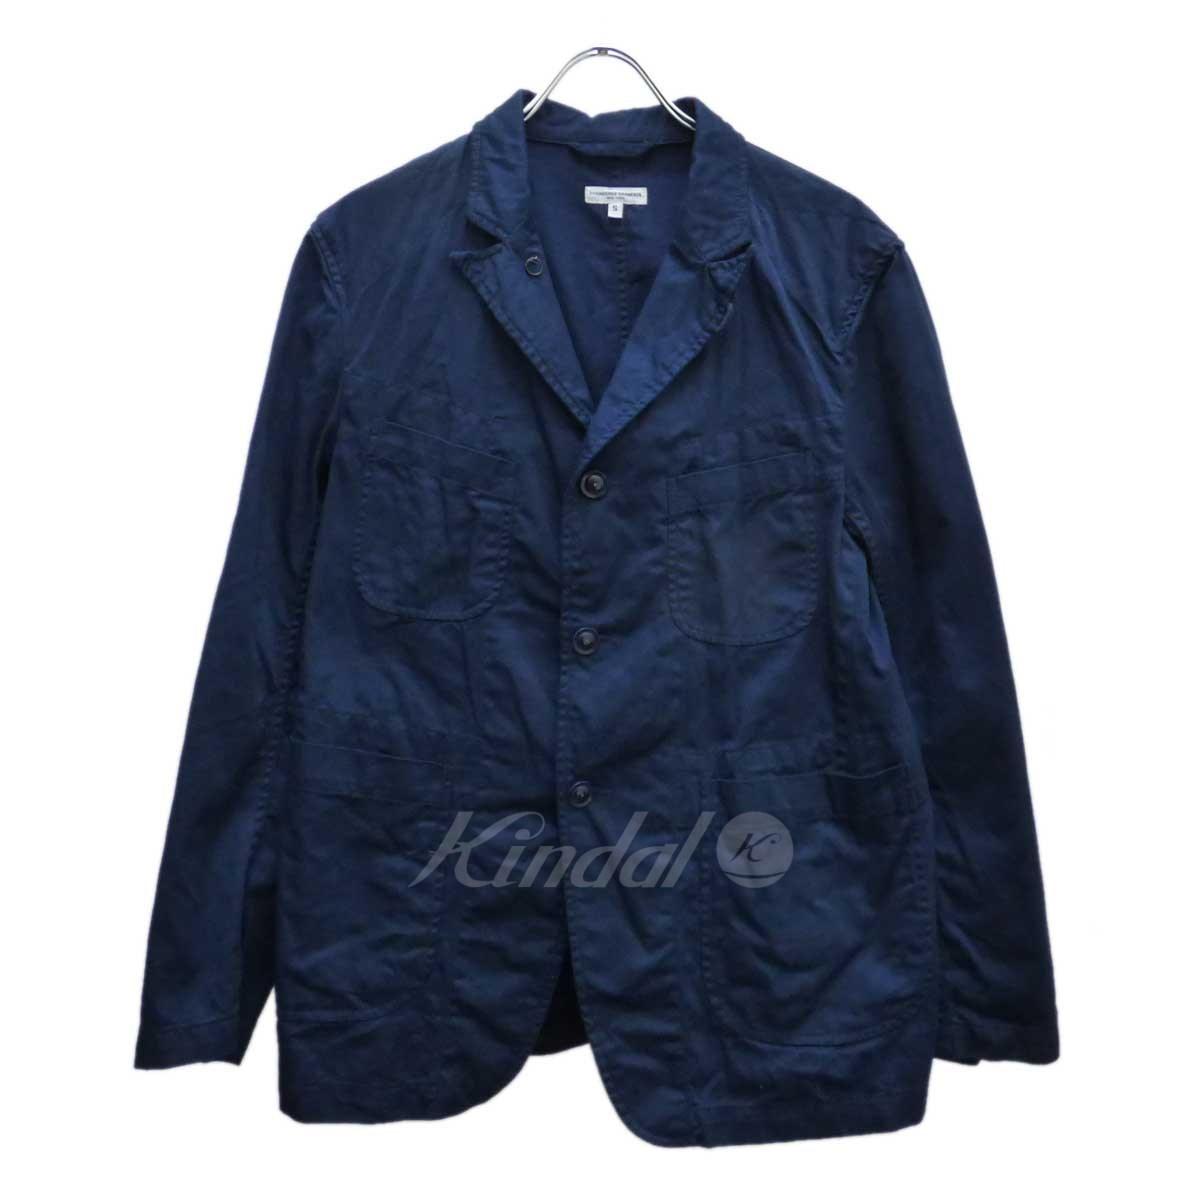 【中古】Engineered Garments 4.5oz Waxed Cotton Bedford Jacket コットンジャケット 【送料無料】 【083411】 【KIND1551】